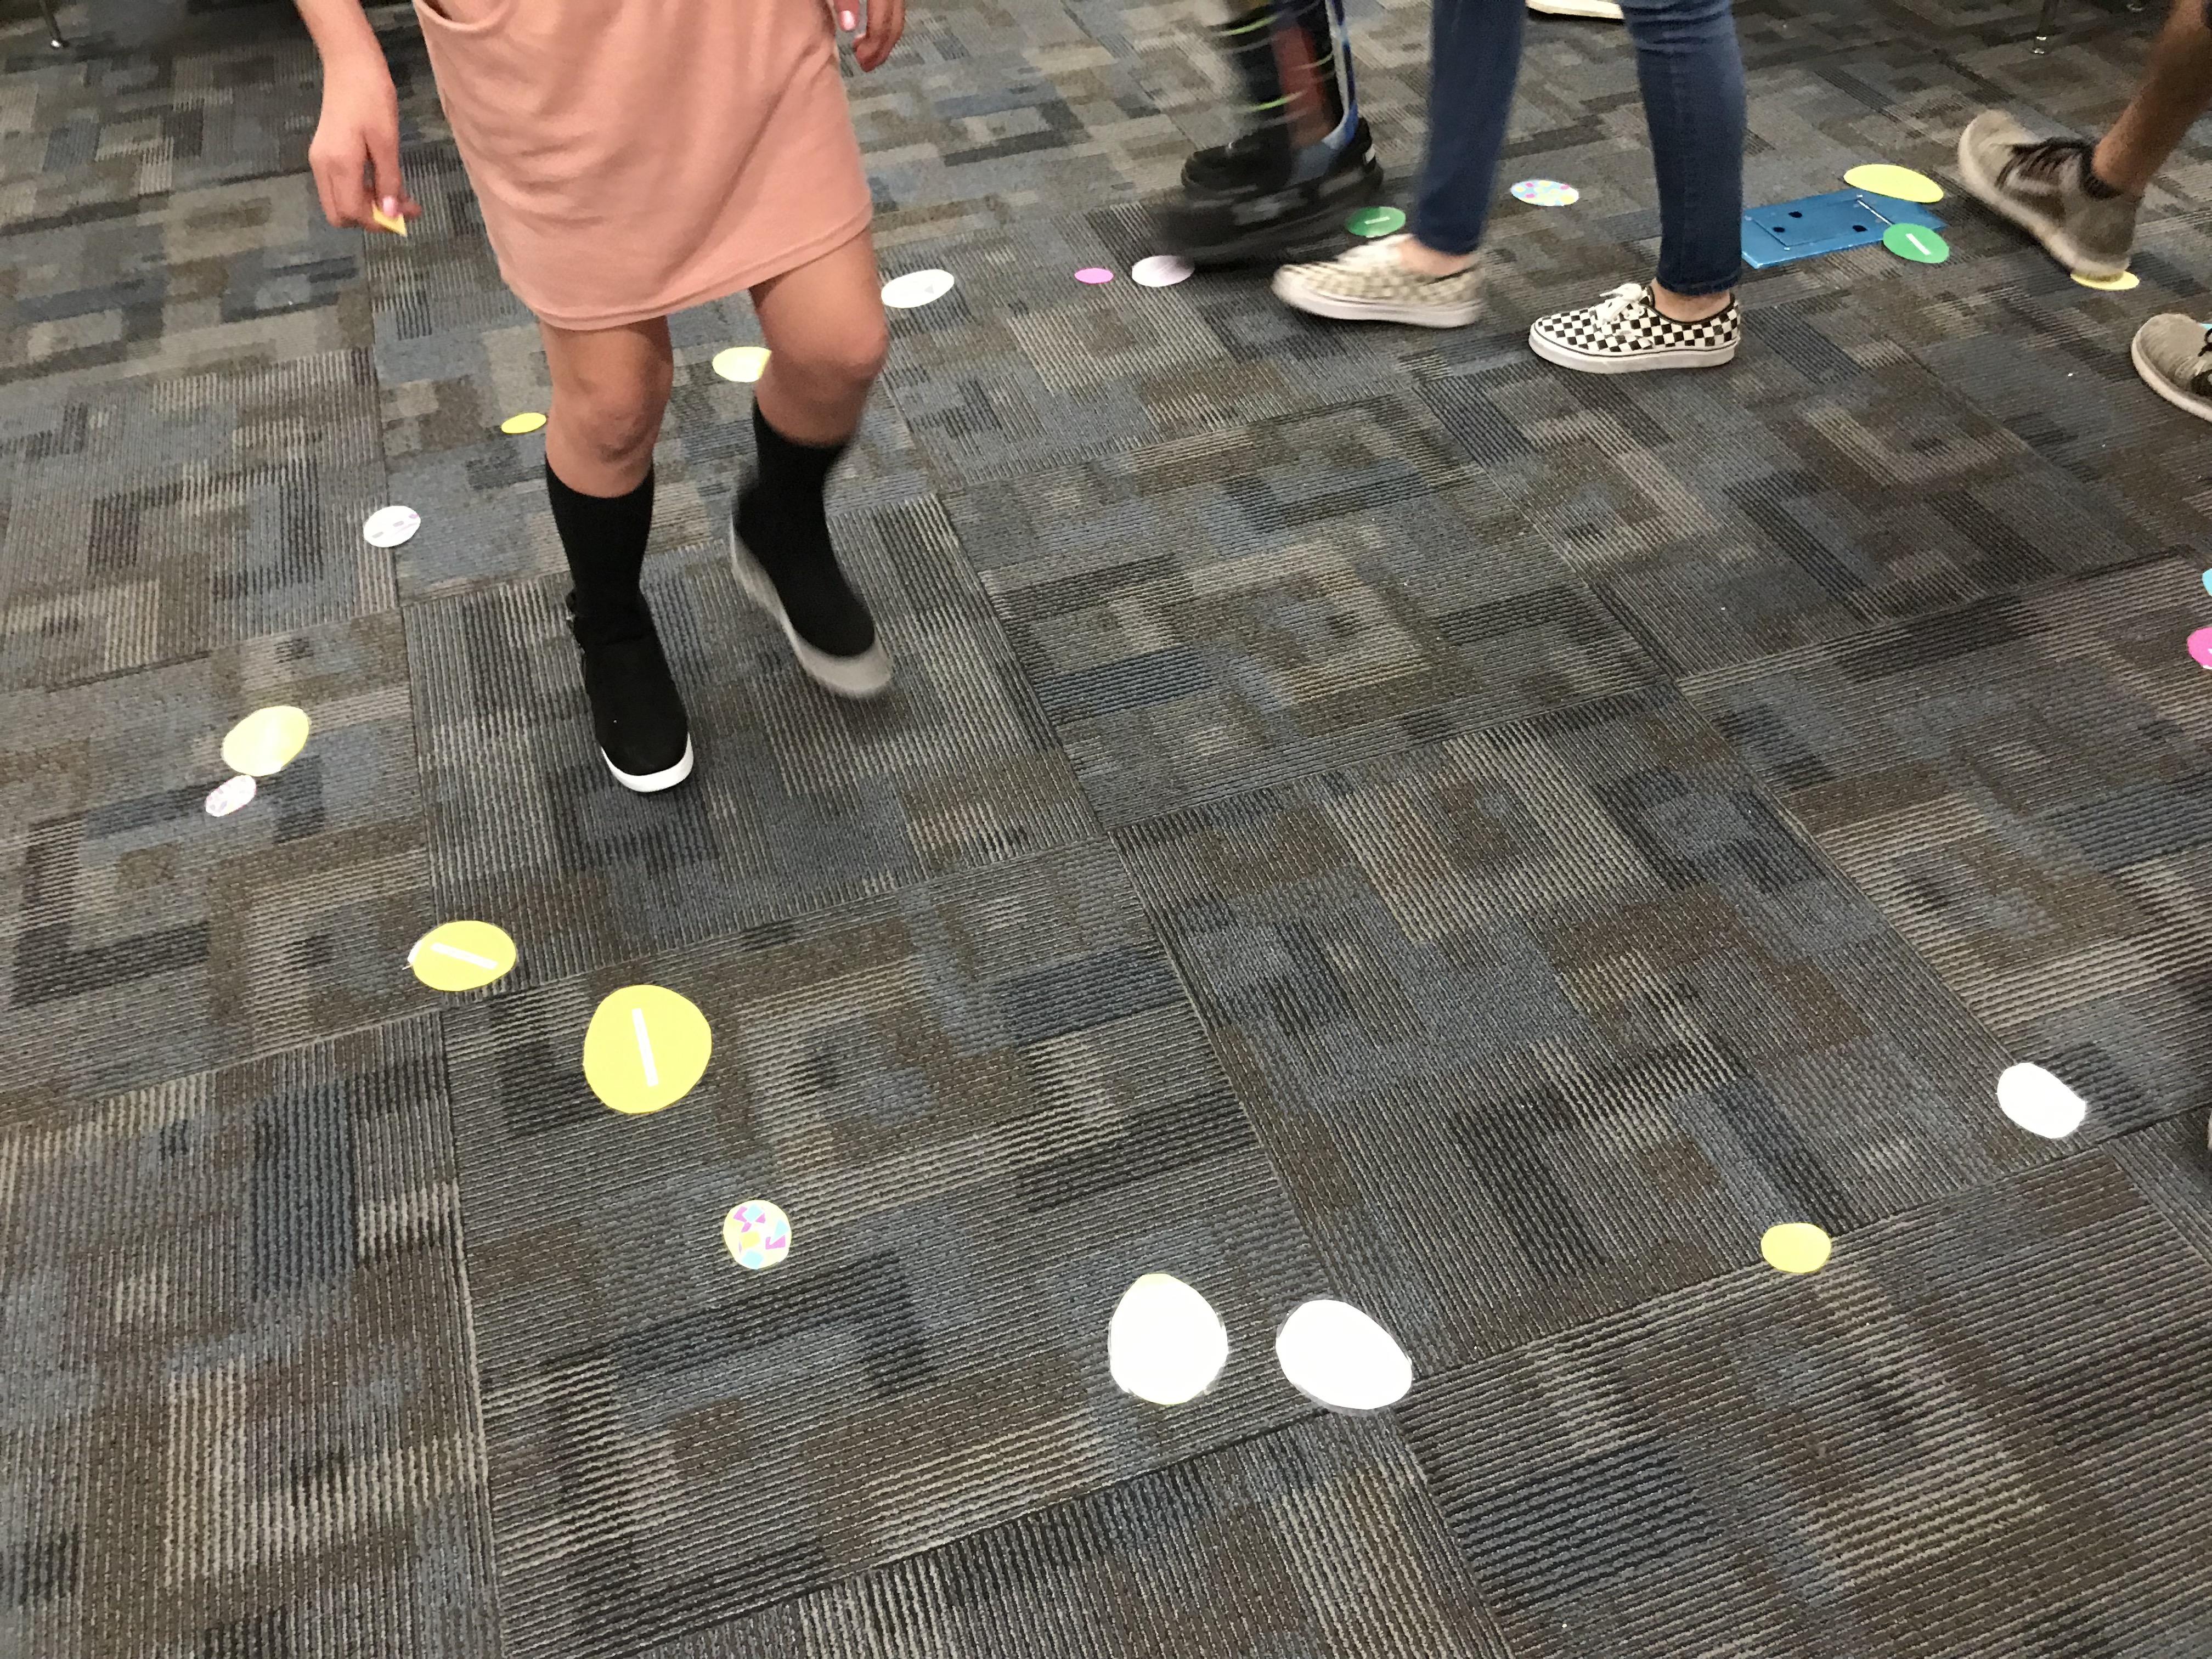 Kids playing around paper circles on carpet